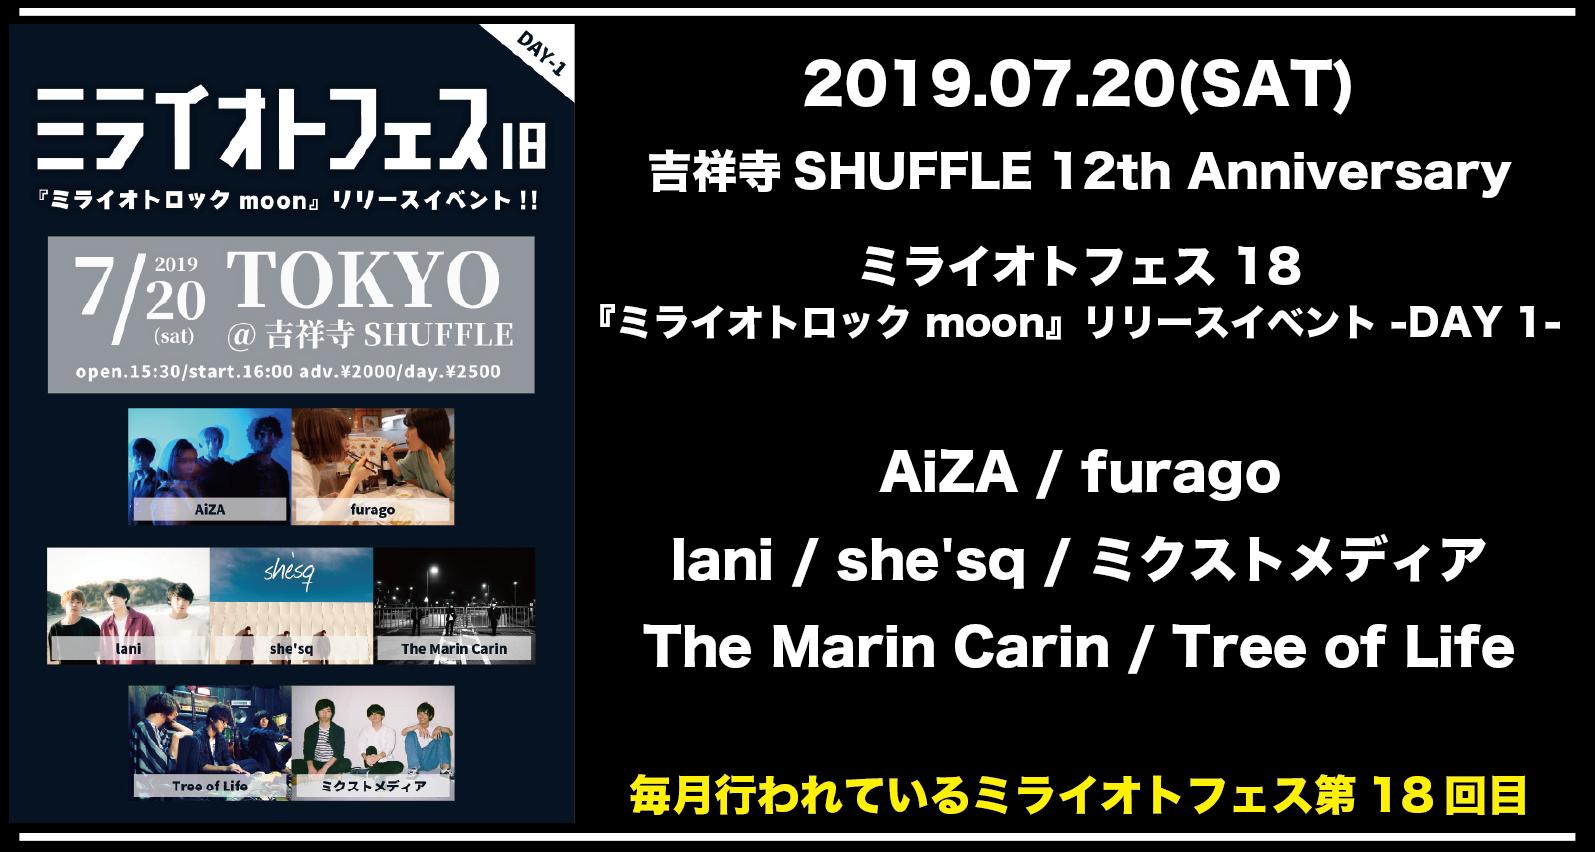 吉祥寺SHUFFLE 12th Anniversary ミライオトフェス 18 『ミライオトロック moon』リリースイベント -DAY 1-